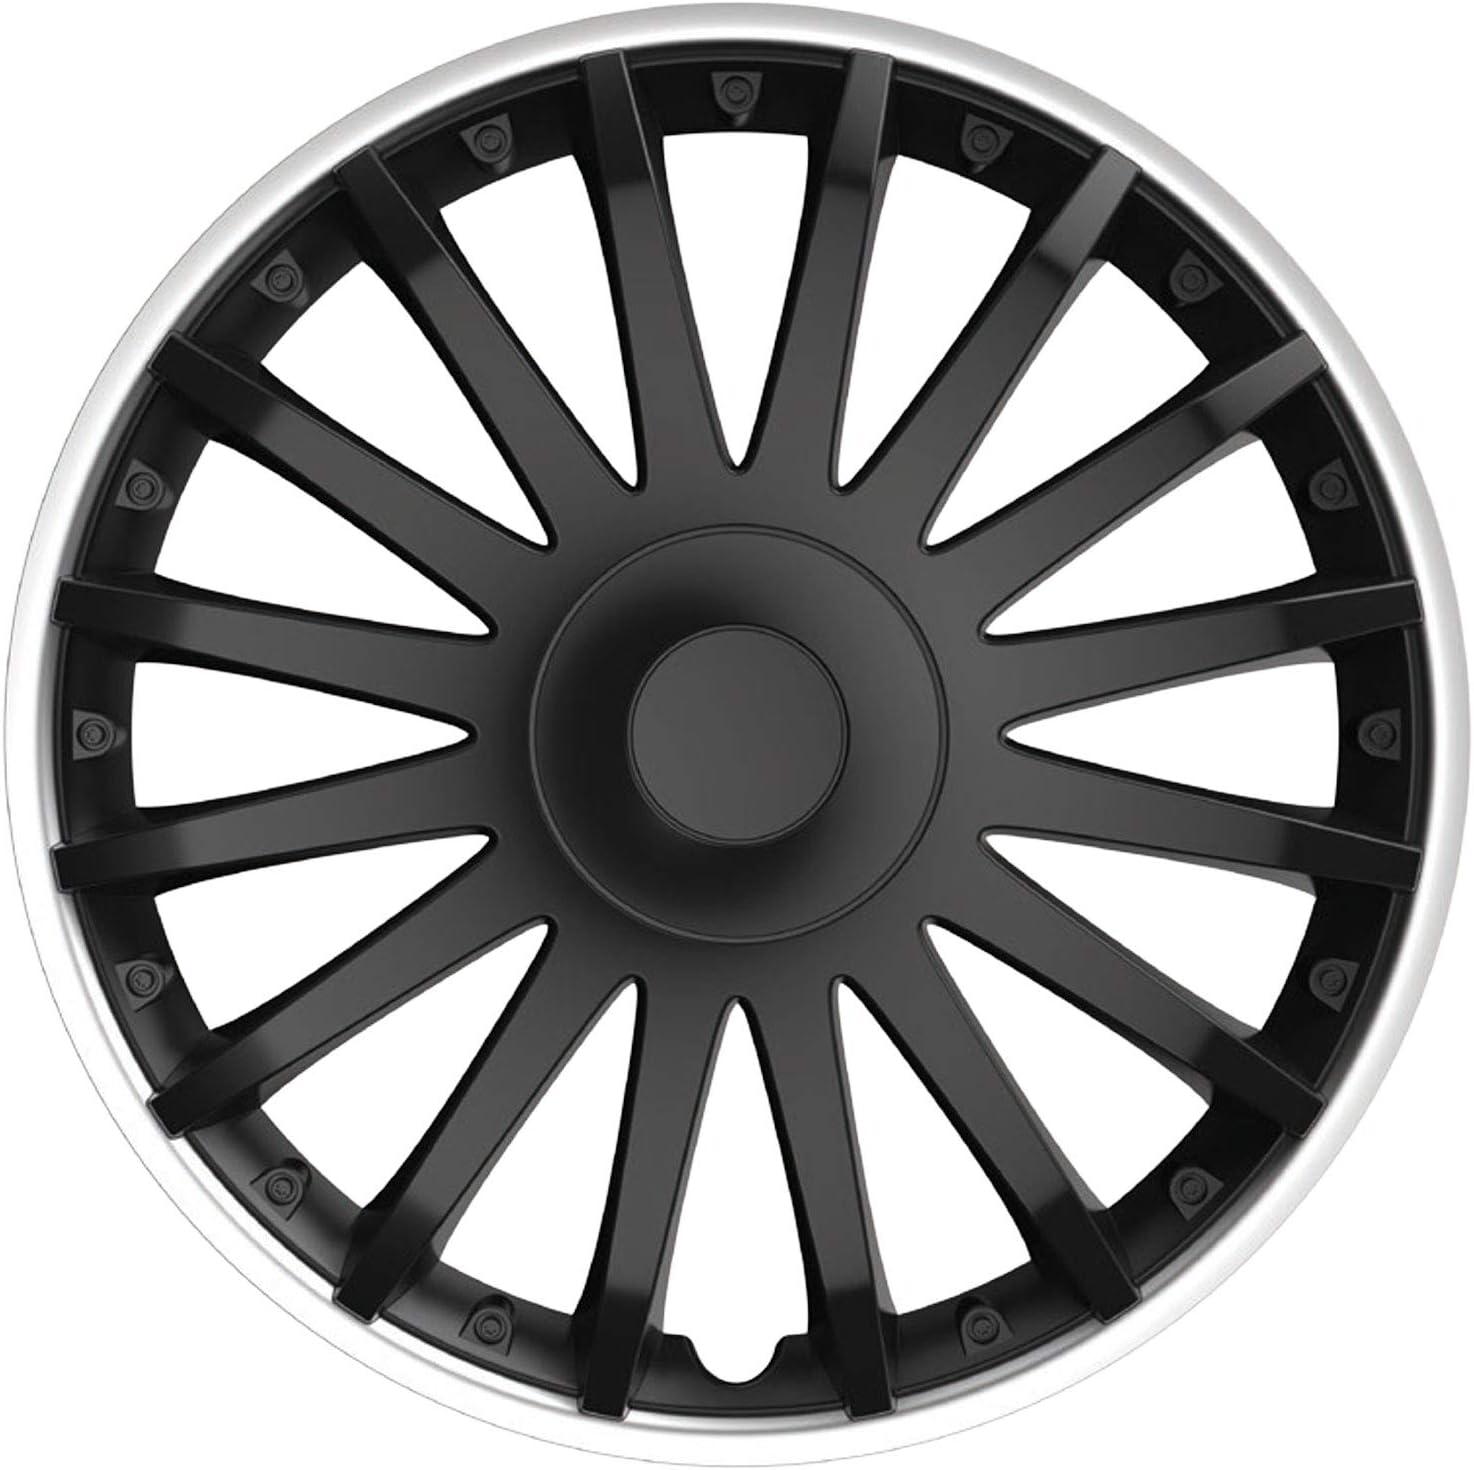 14 Zoll Cartrend 10560 Radzierblenden Topeka in sportlicher Alufelgen-Optik schwarz//Silber 35,56 cm 4er Set 4-teilig